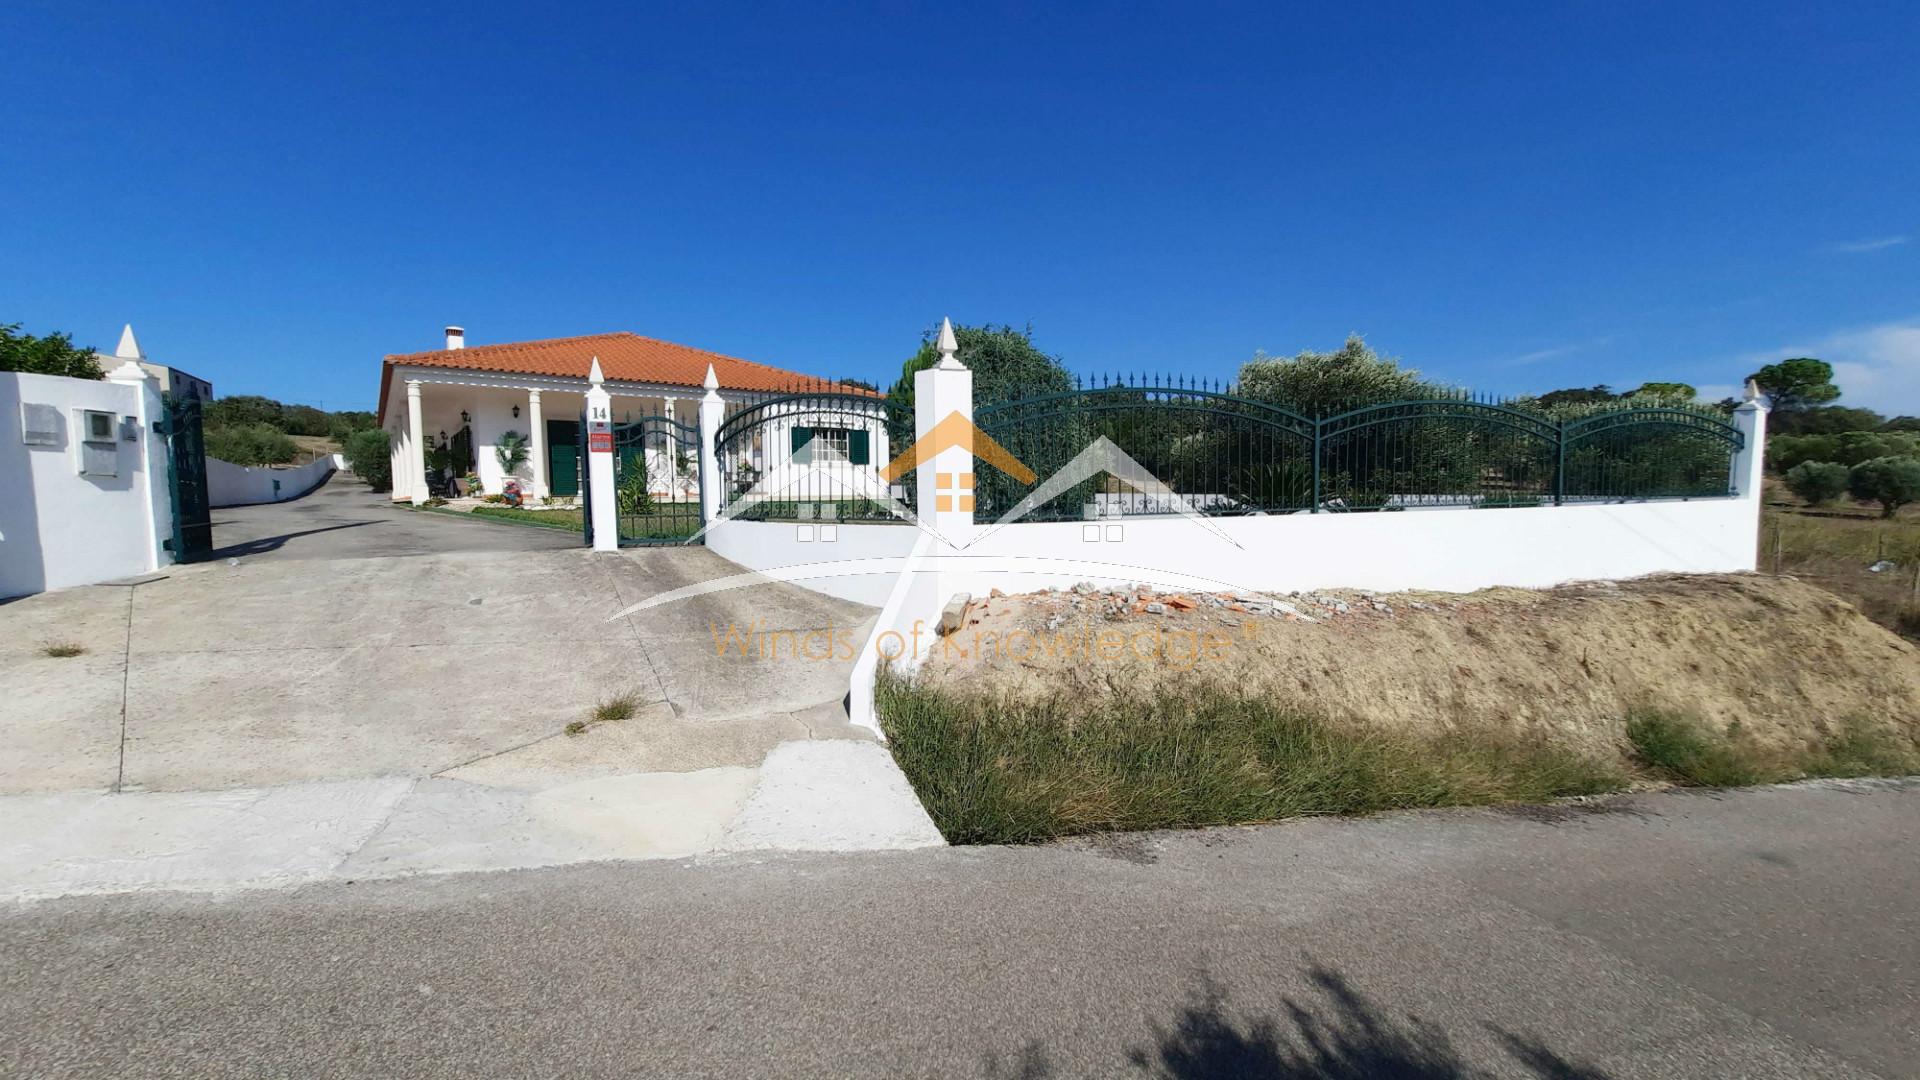 Moradia com piscina perto de Tomar e Torres Novas